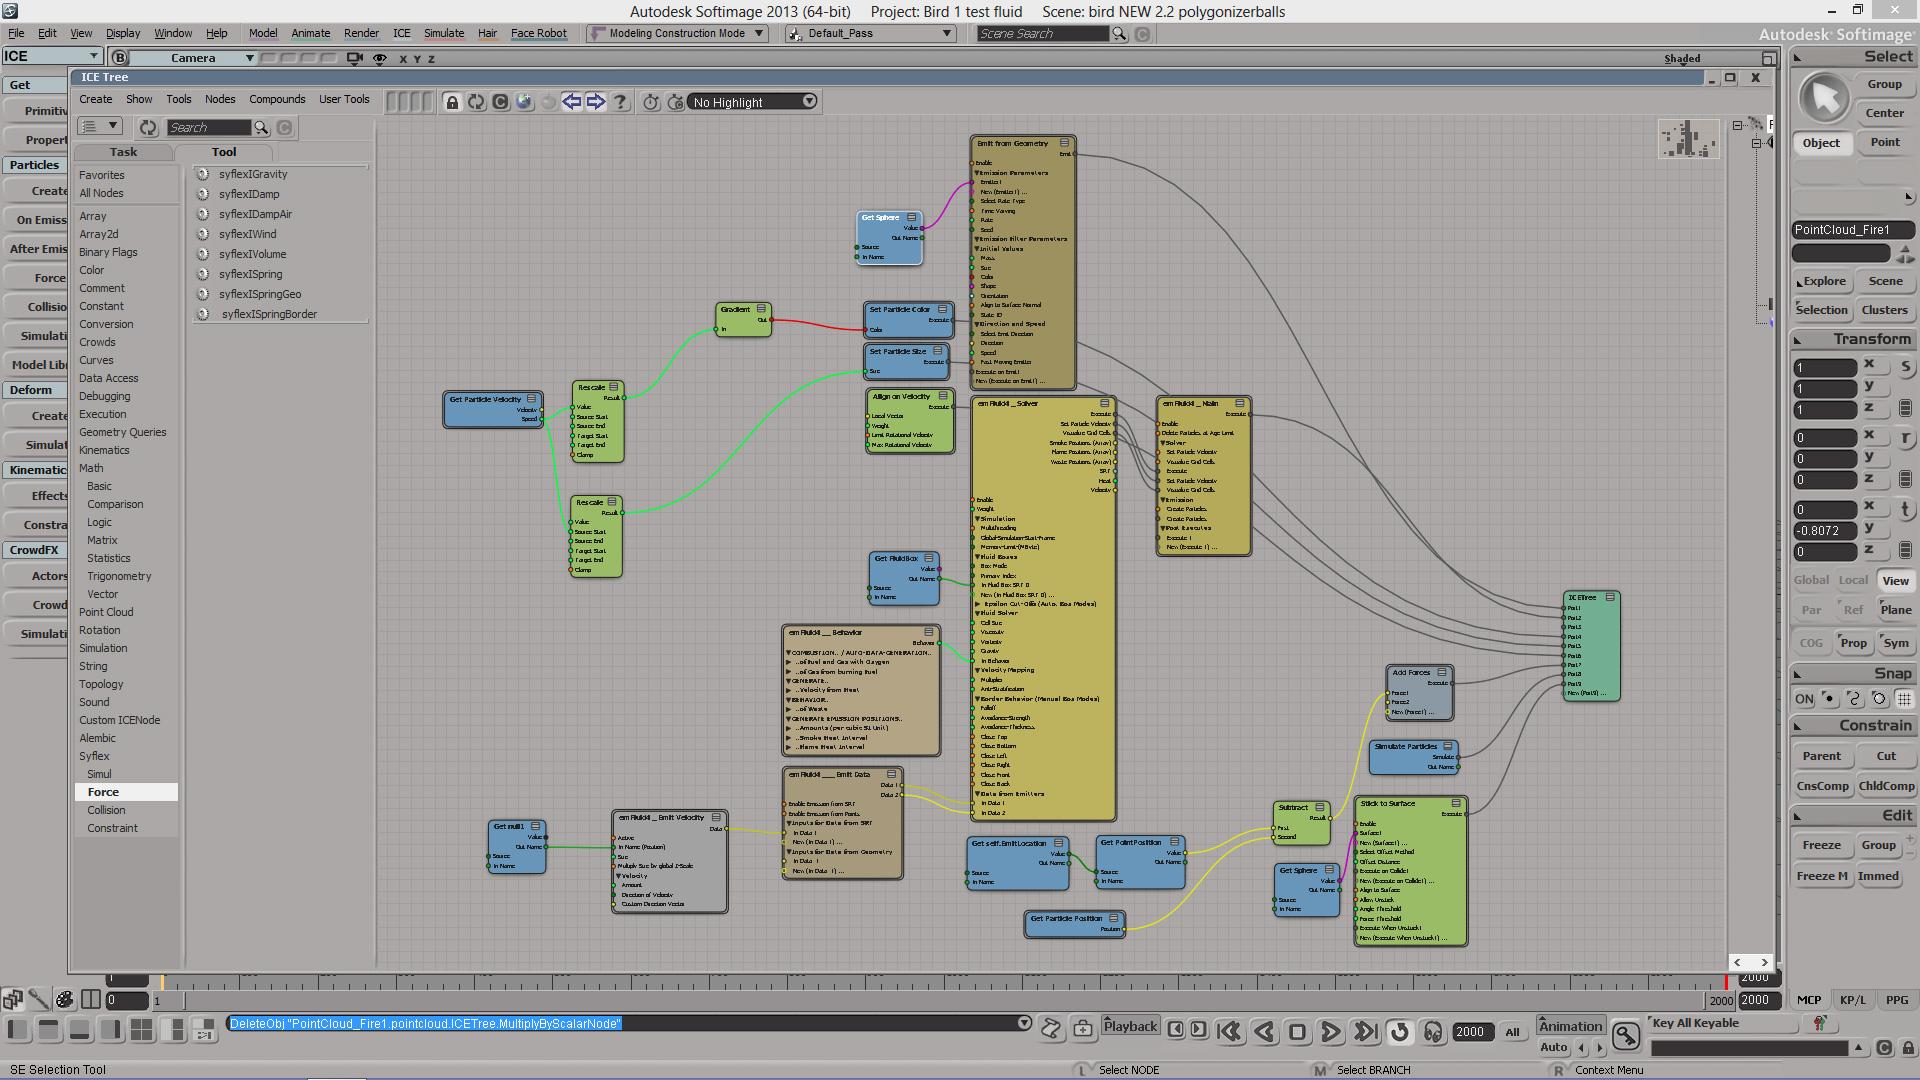 screen-grab3icetree.jpg